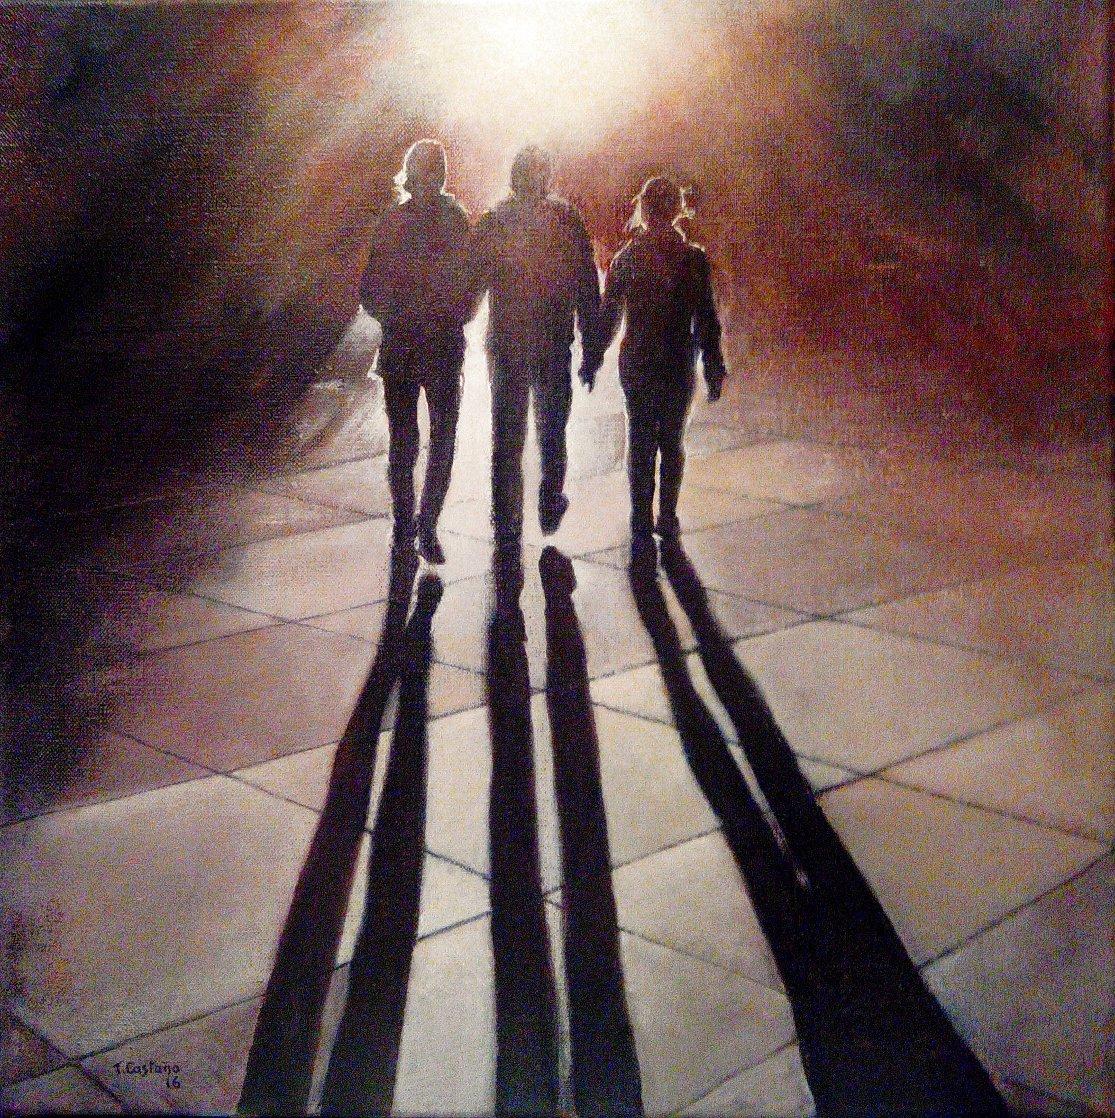 Caminando Al Atardecer 2016 15x15 Original Painting by Tomas Castano